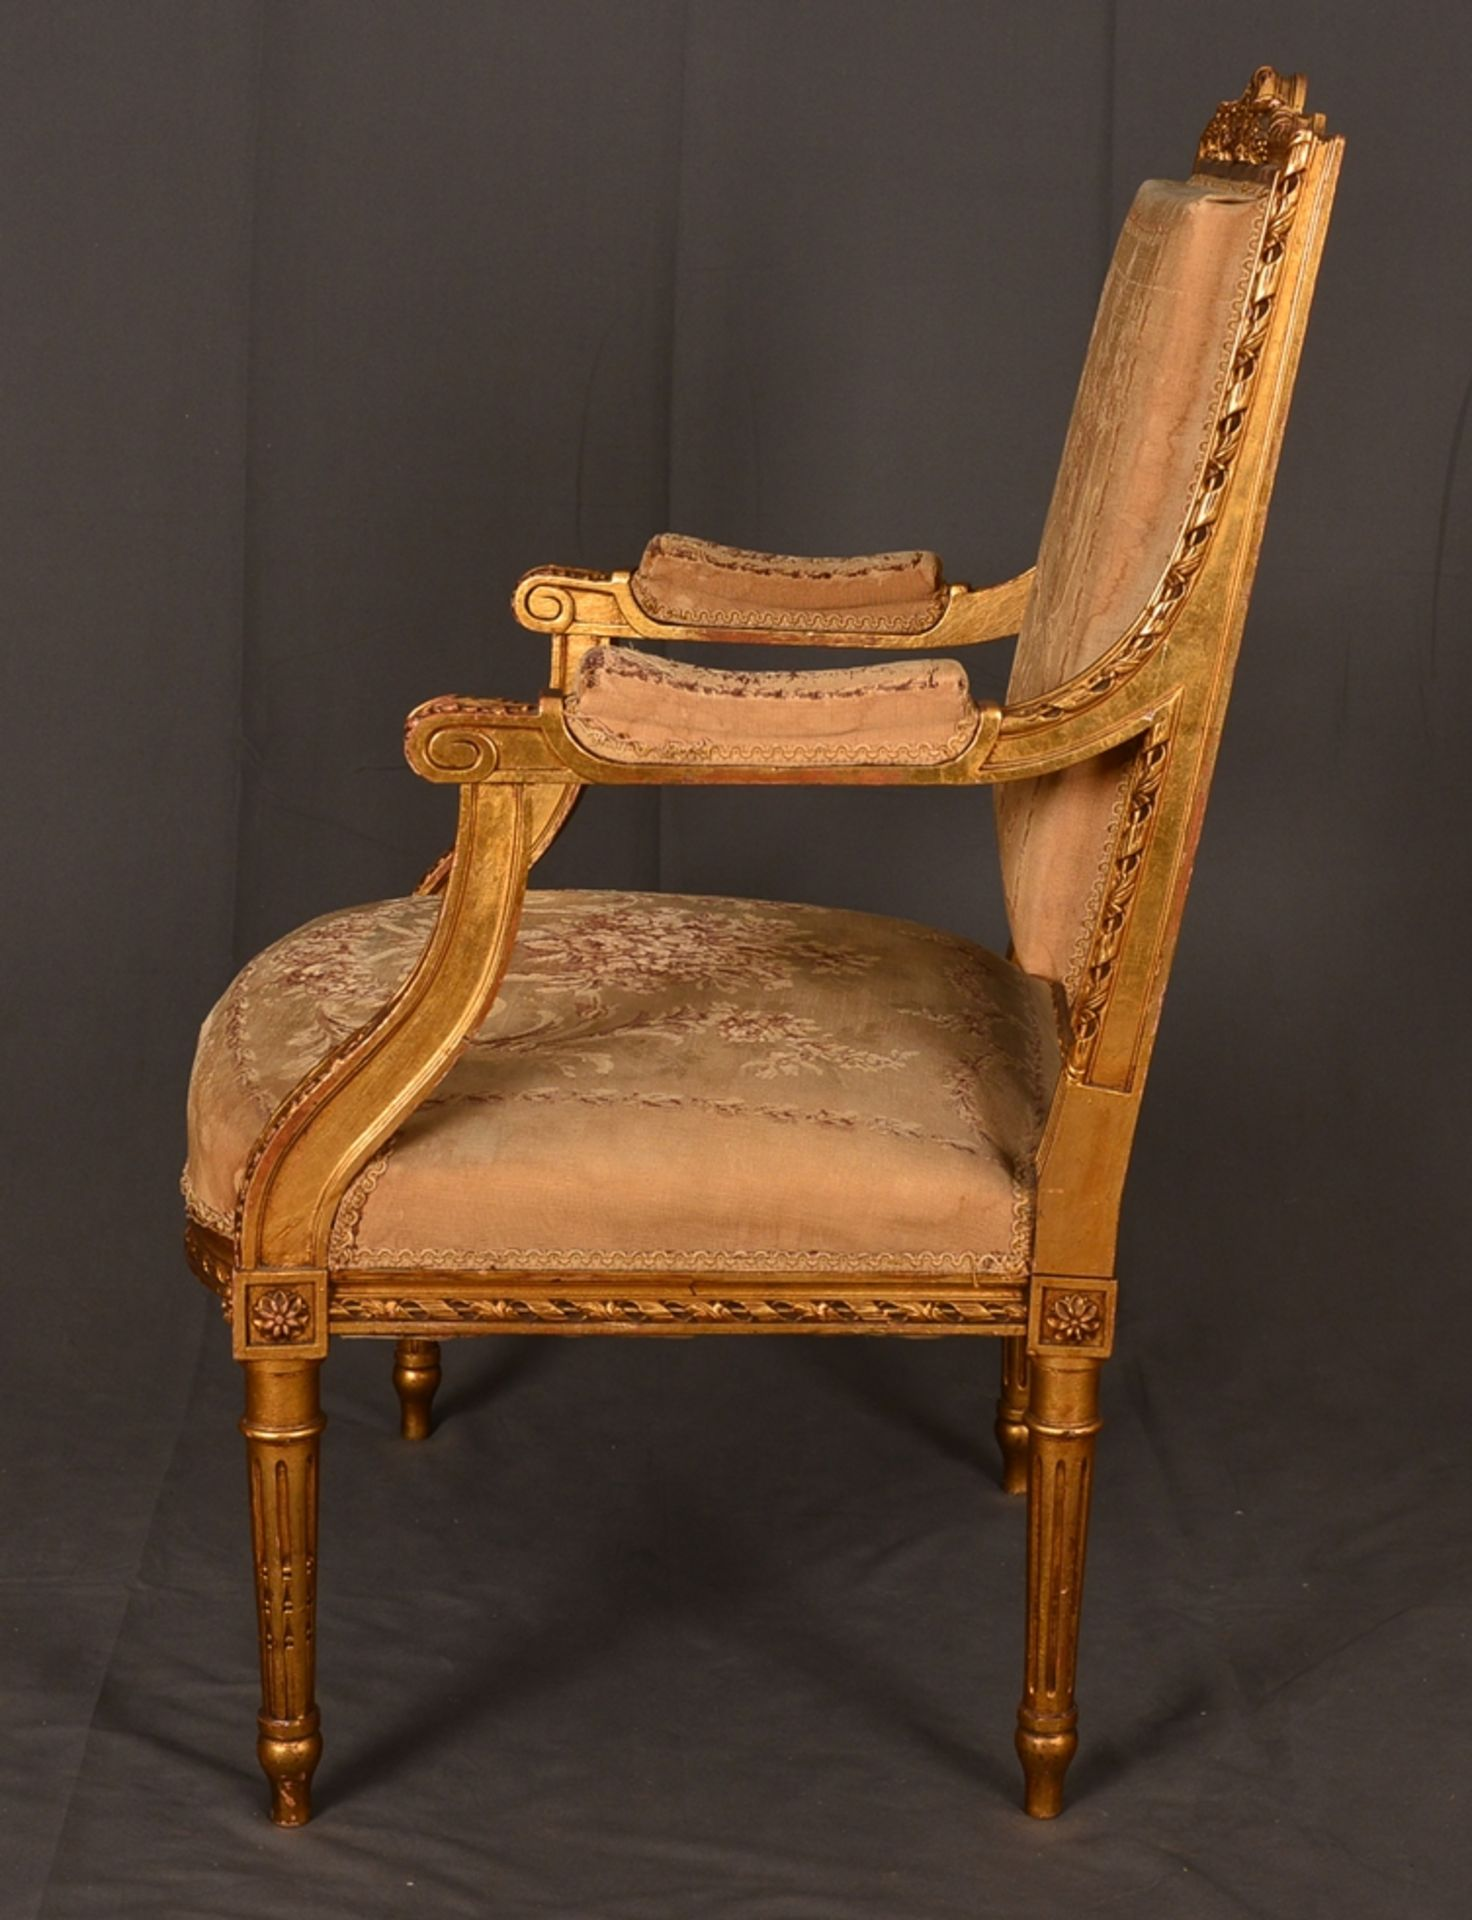 Eleganter Armlehnstuhl sog. Fauteuil, Louis XVI-Stil, Frankreich um 1890, originale Stoffbespannung, - Bild 10 aus 12